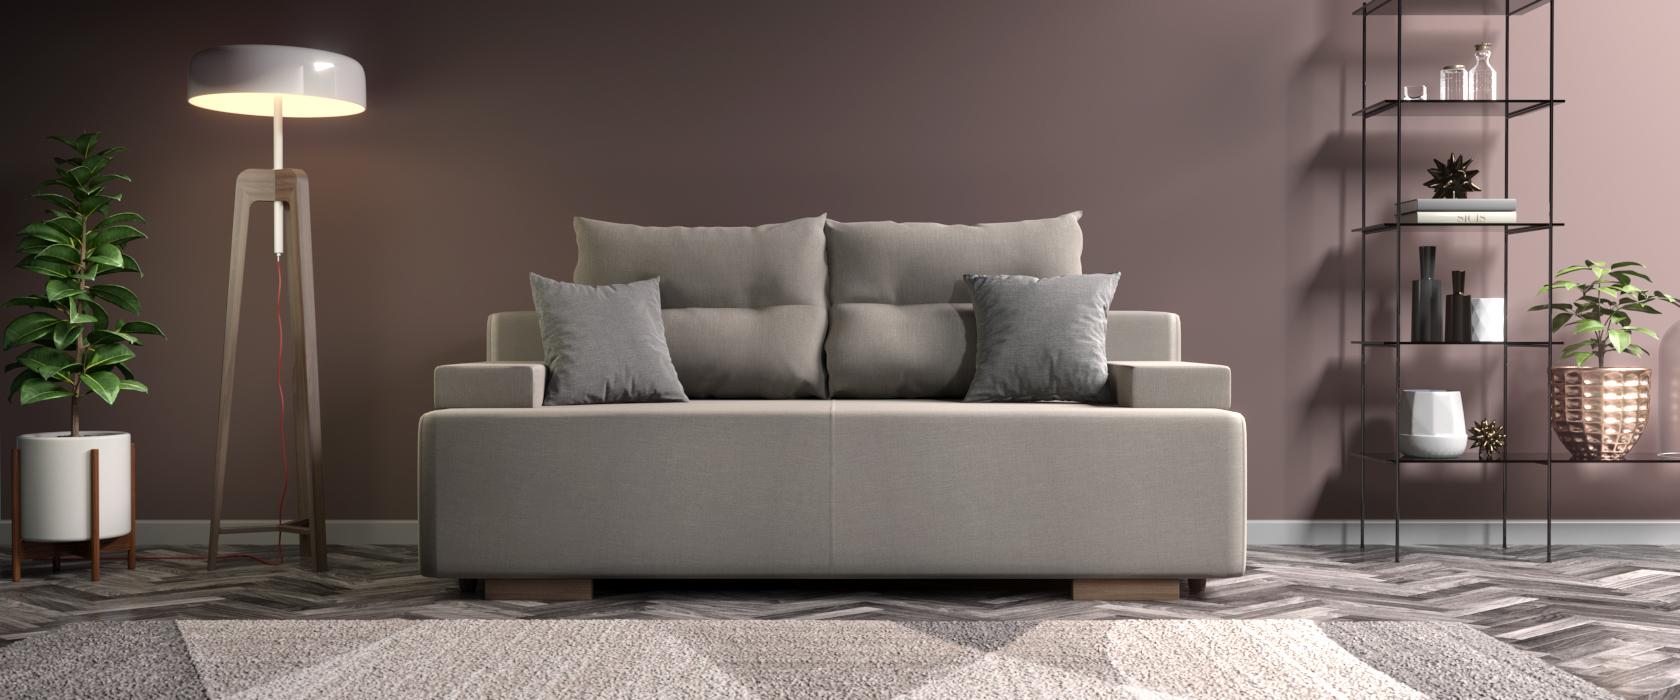 Тримісний диван Marta - Фото 2 - Pufetto